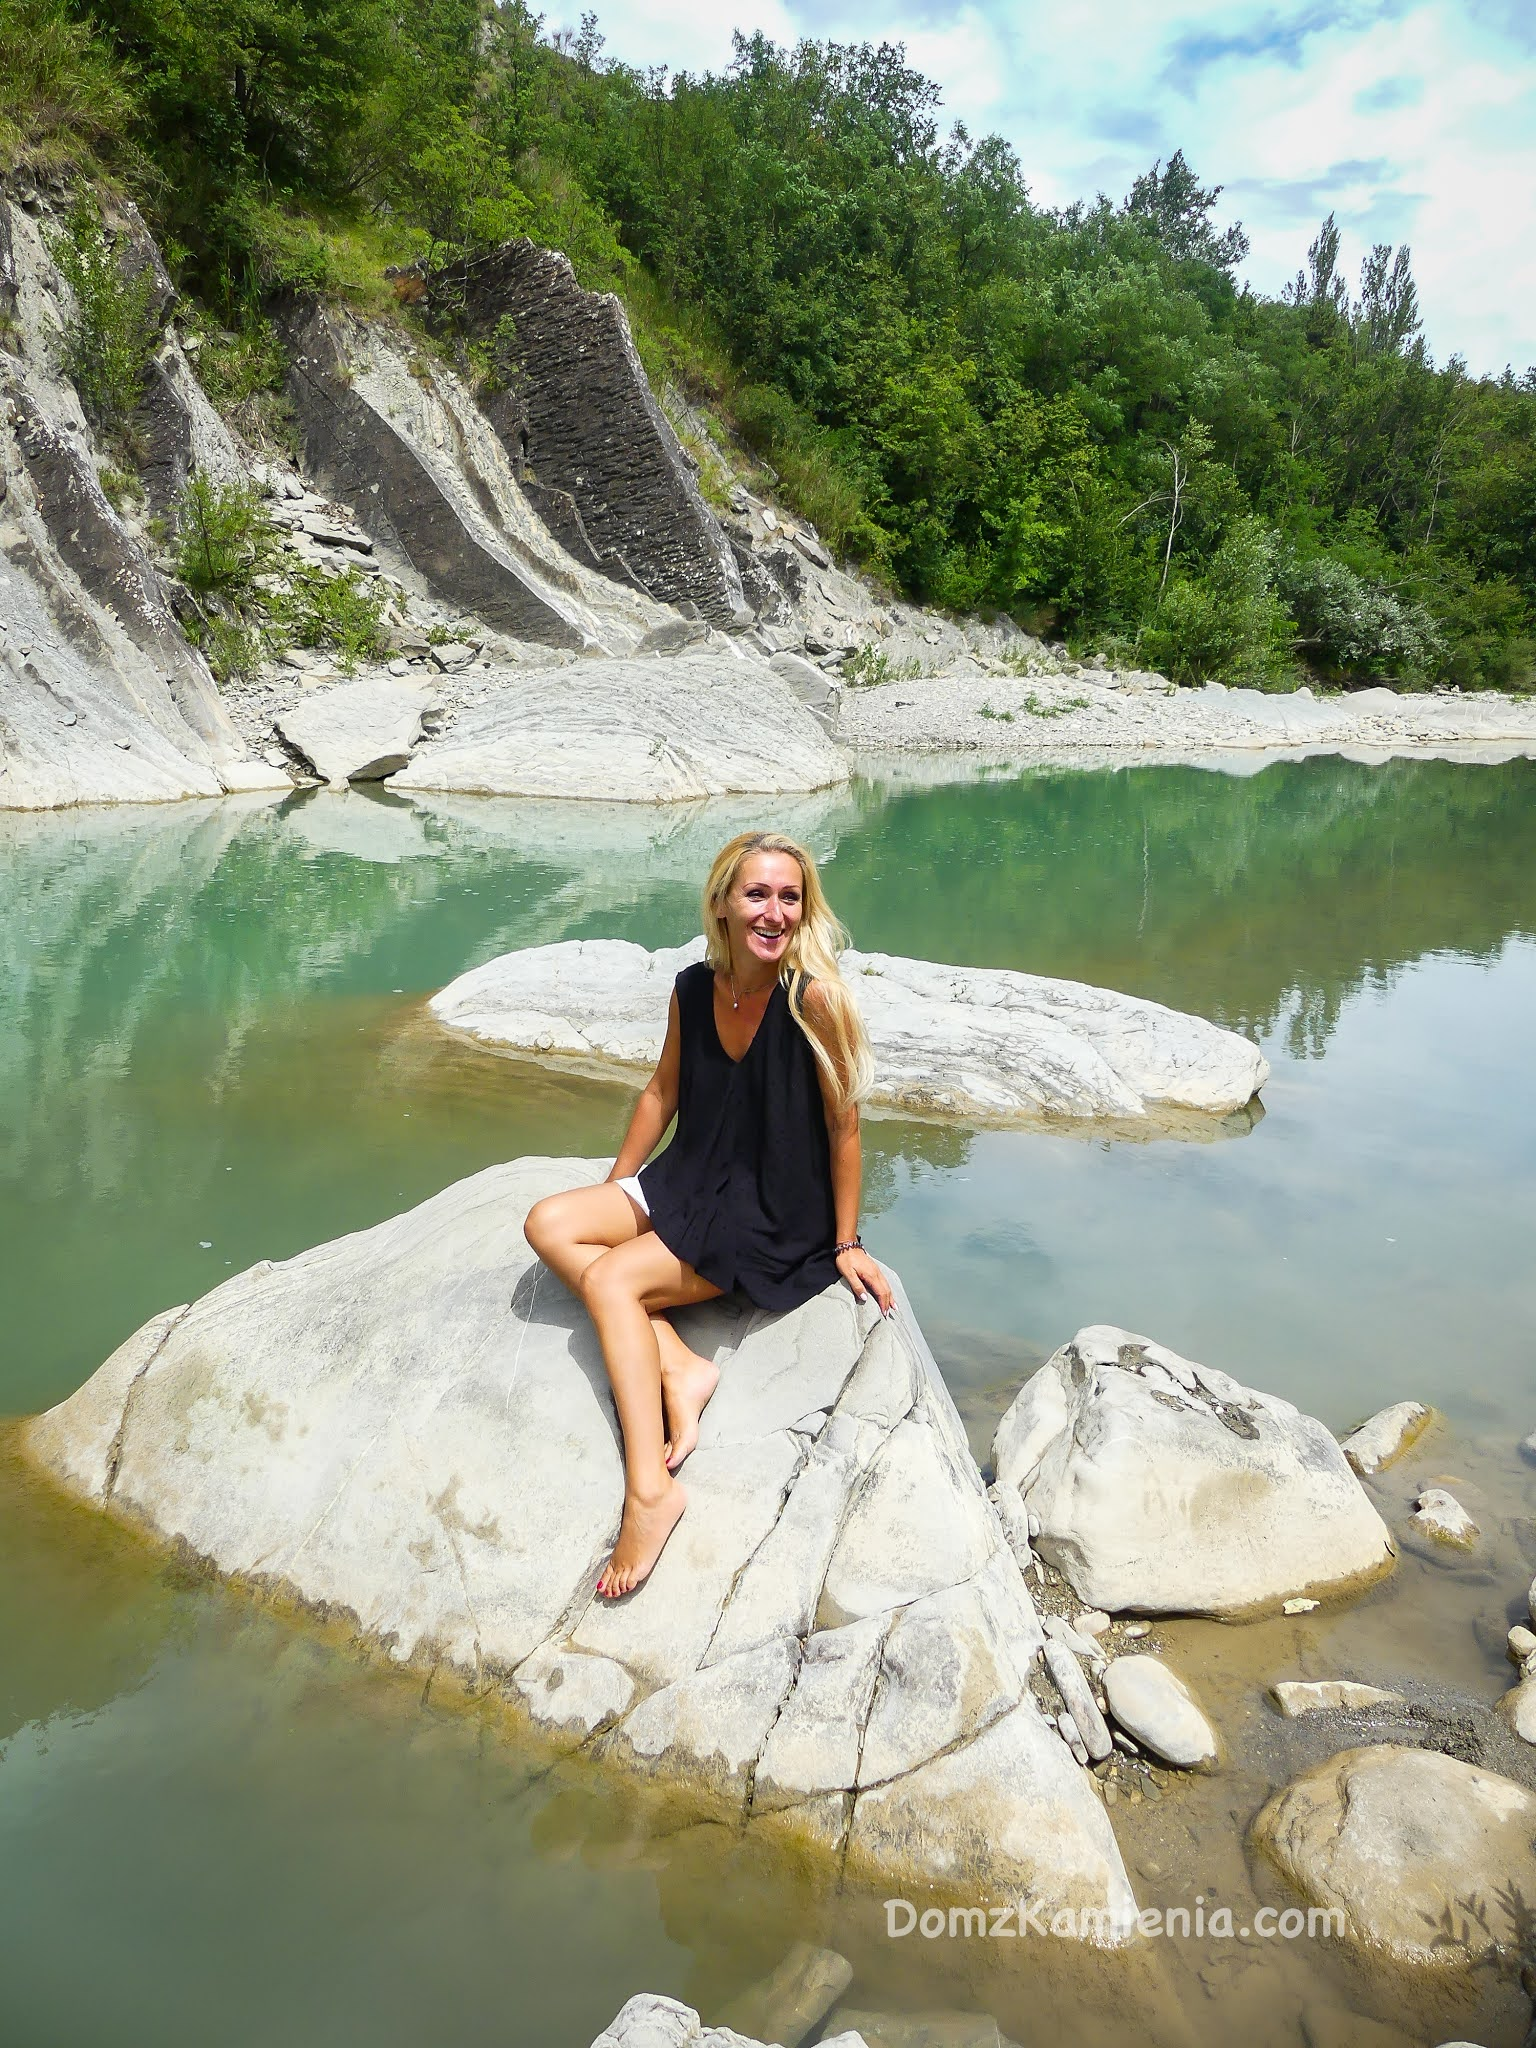 Kasia Dom z Kamienia - rzeka Santerno